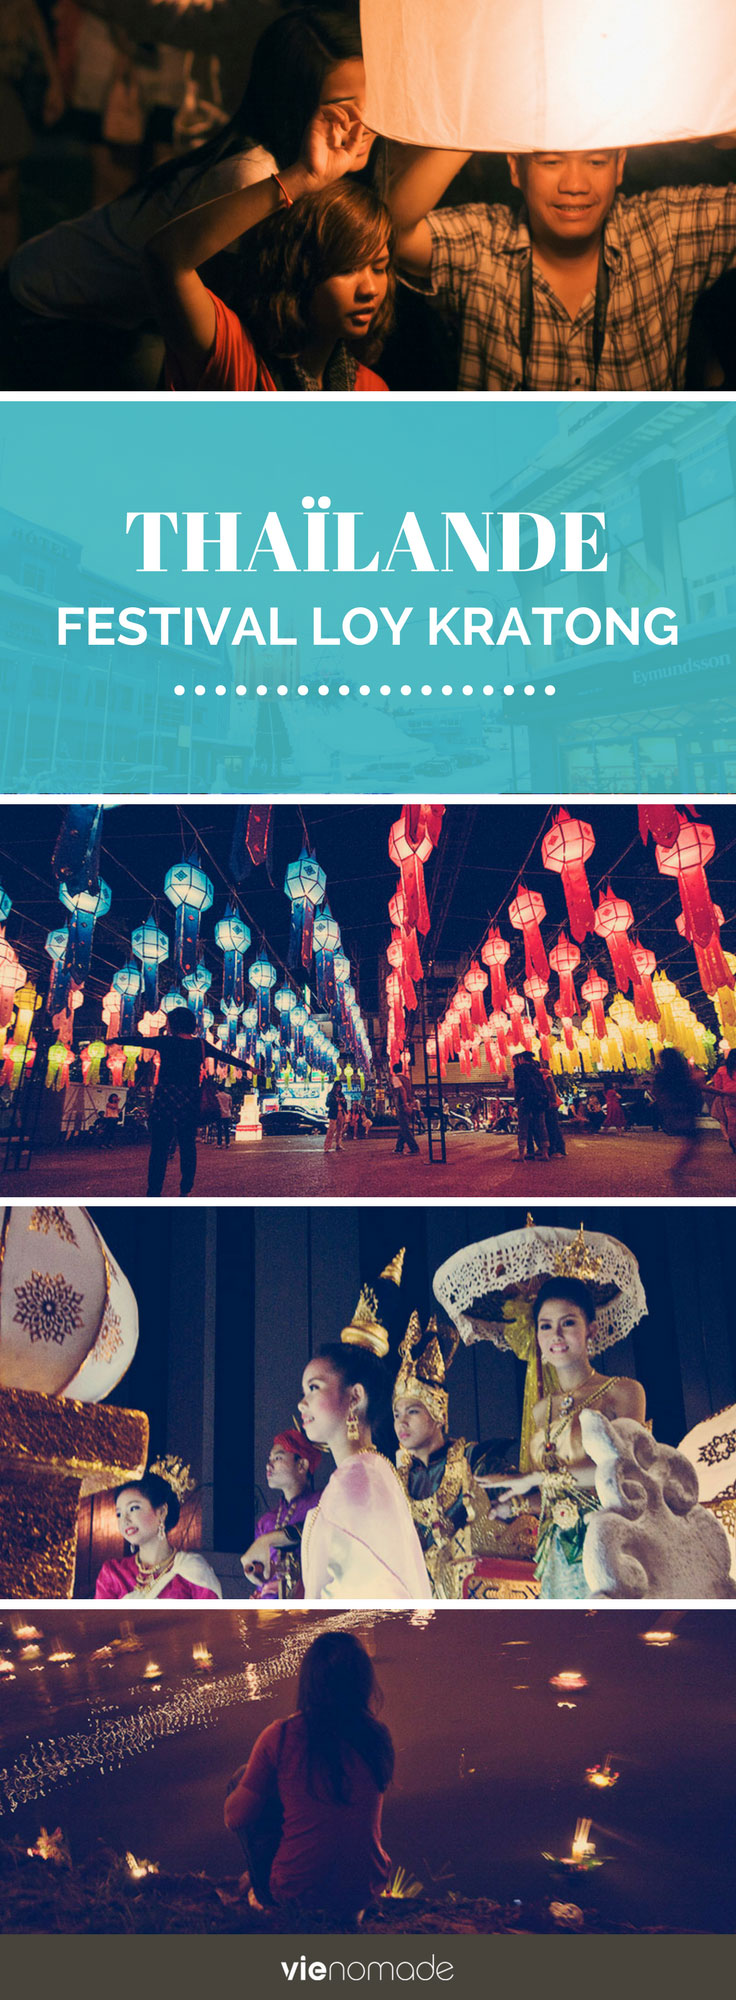 Le festival des lumières en Thaïlande: Loy Kratong